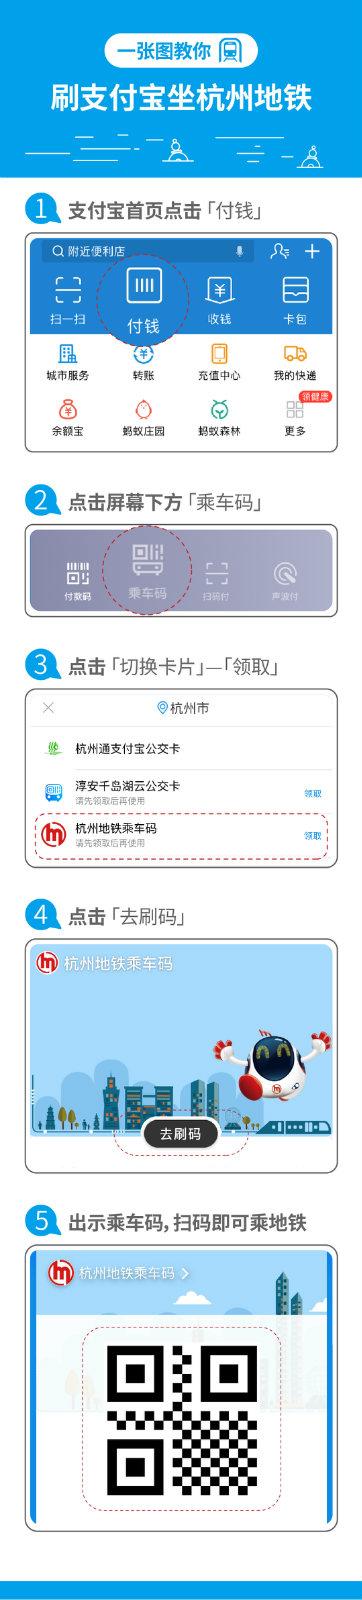 杭州地铁领卡流程_meitu_7